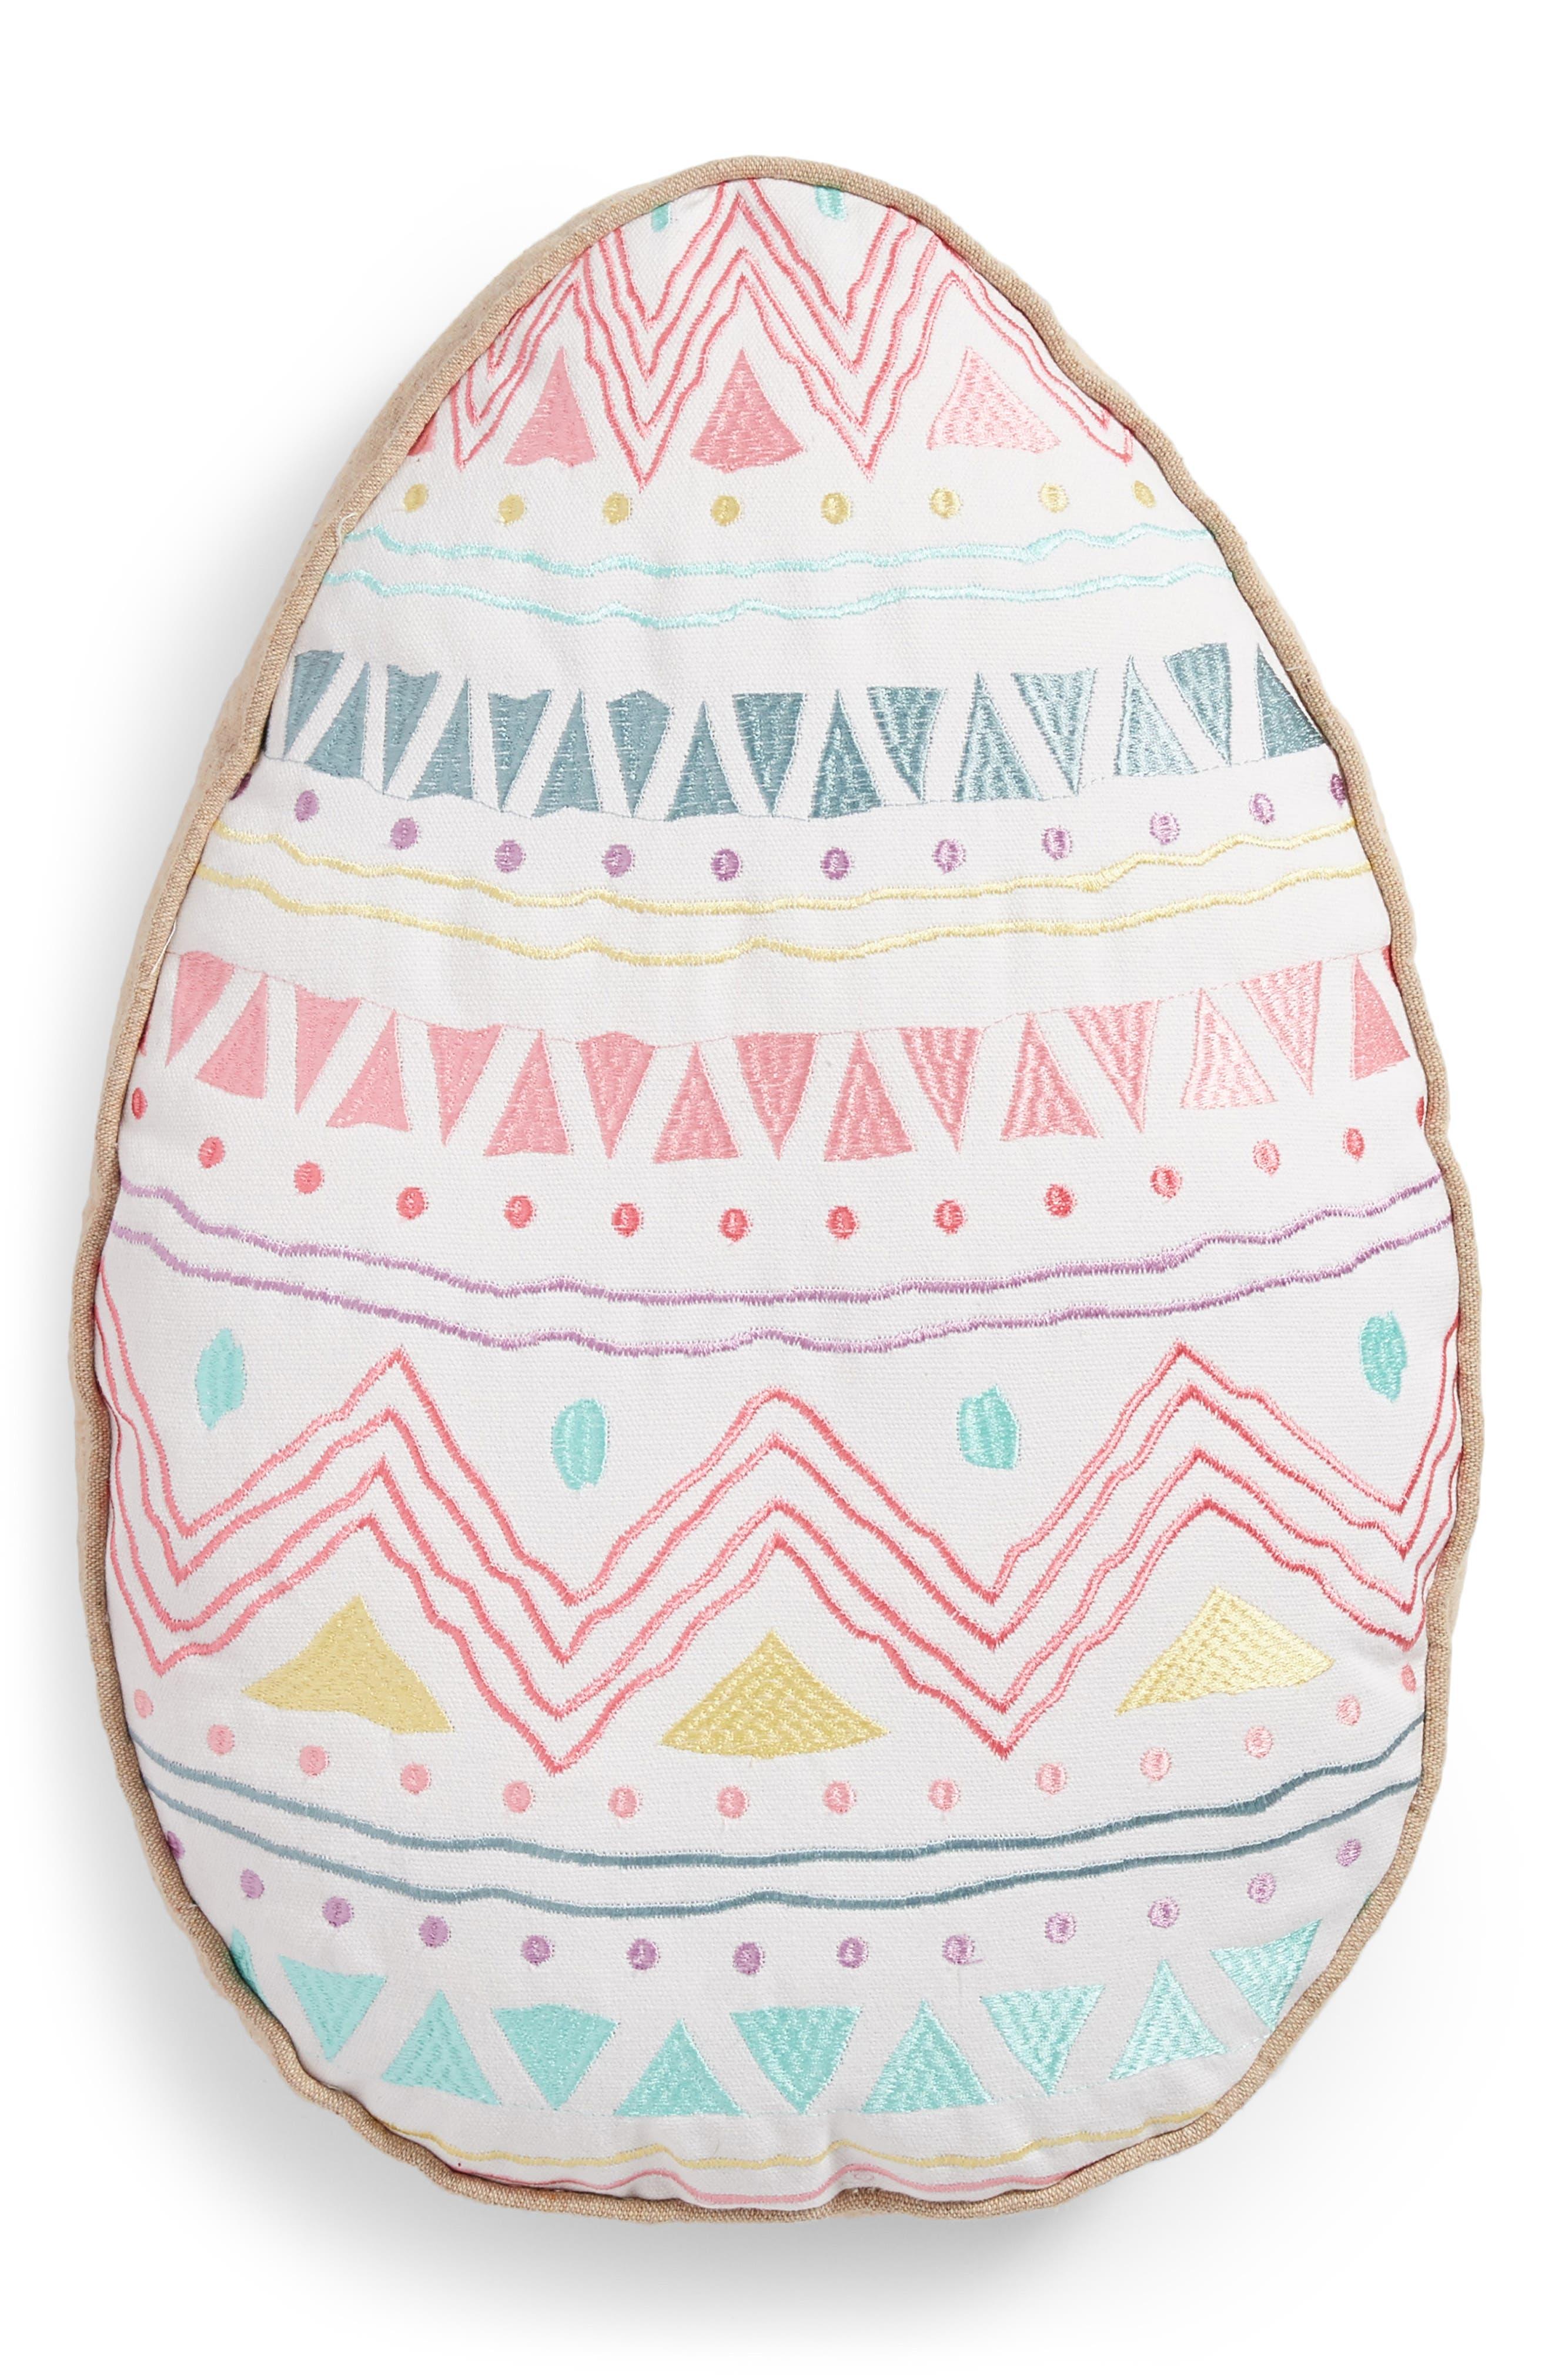 Levtex Egg Accent Pillow